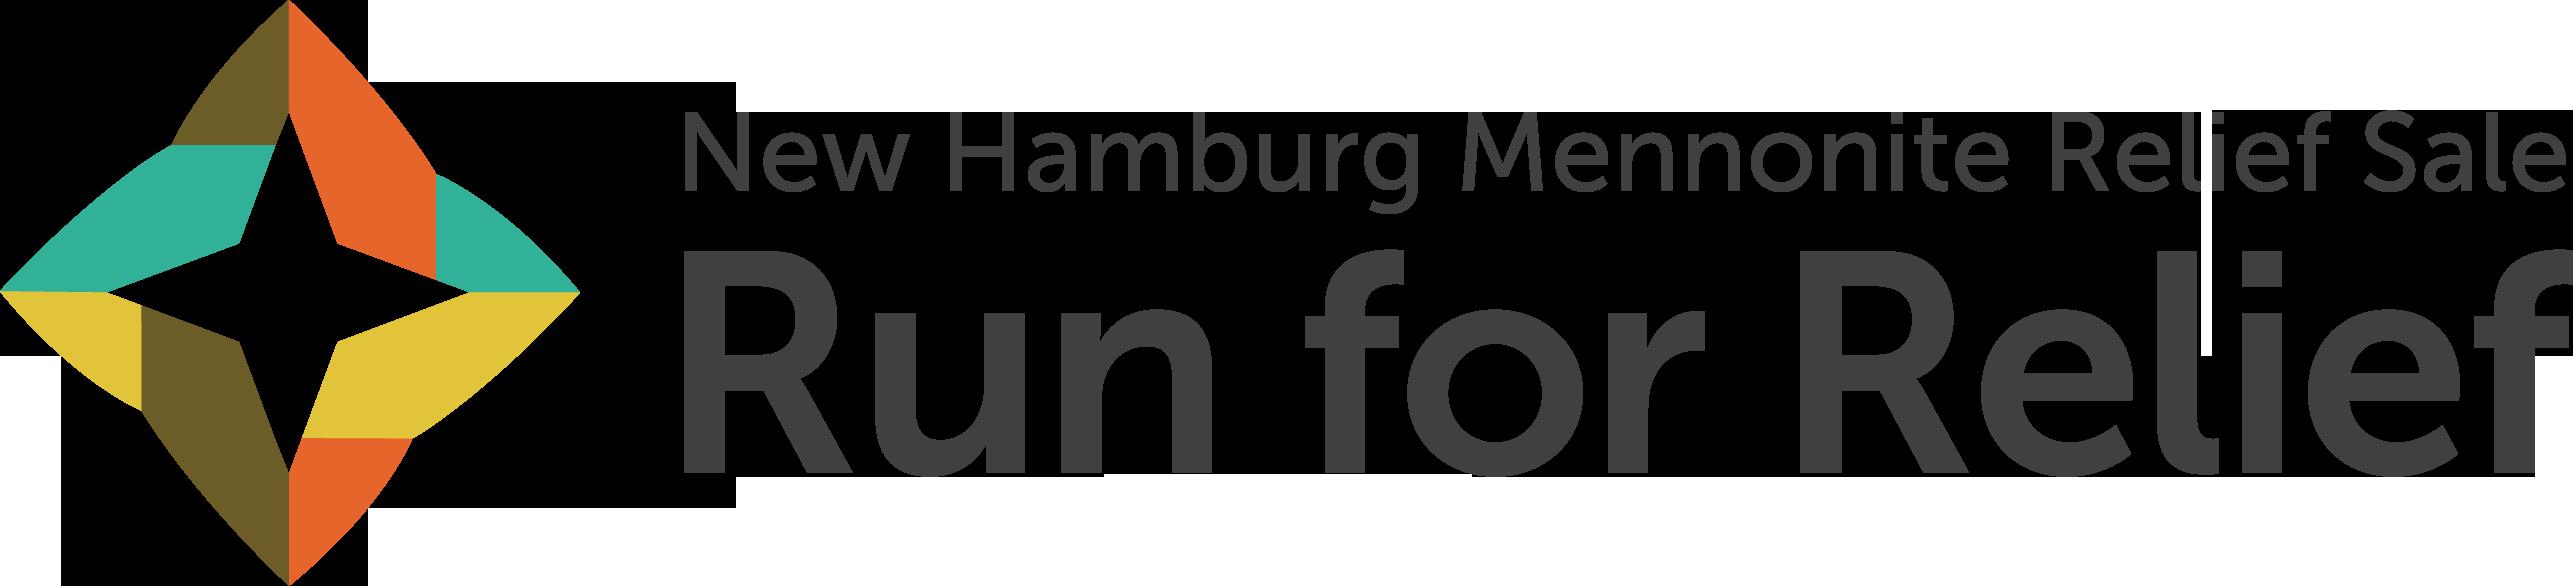 New Hamburg Mennonite Relief Sale - Run for Relief